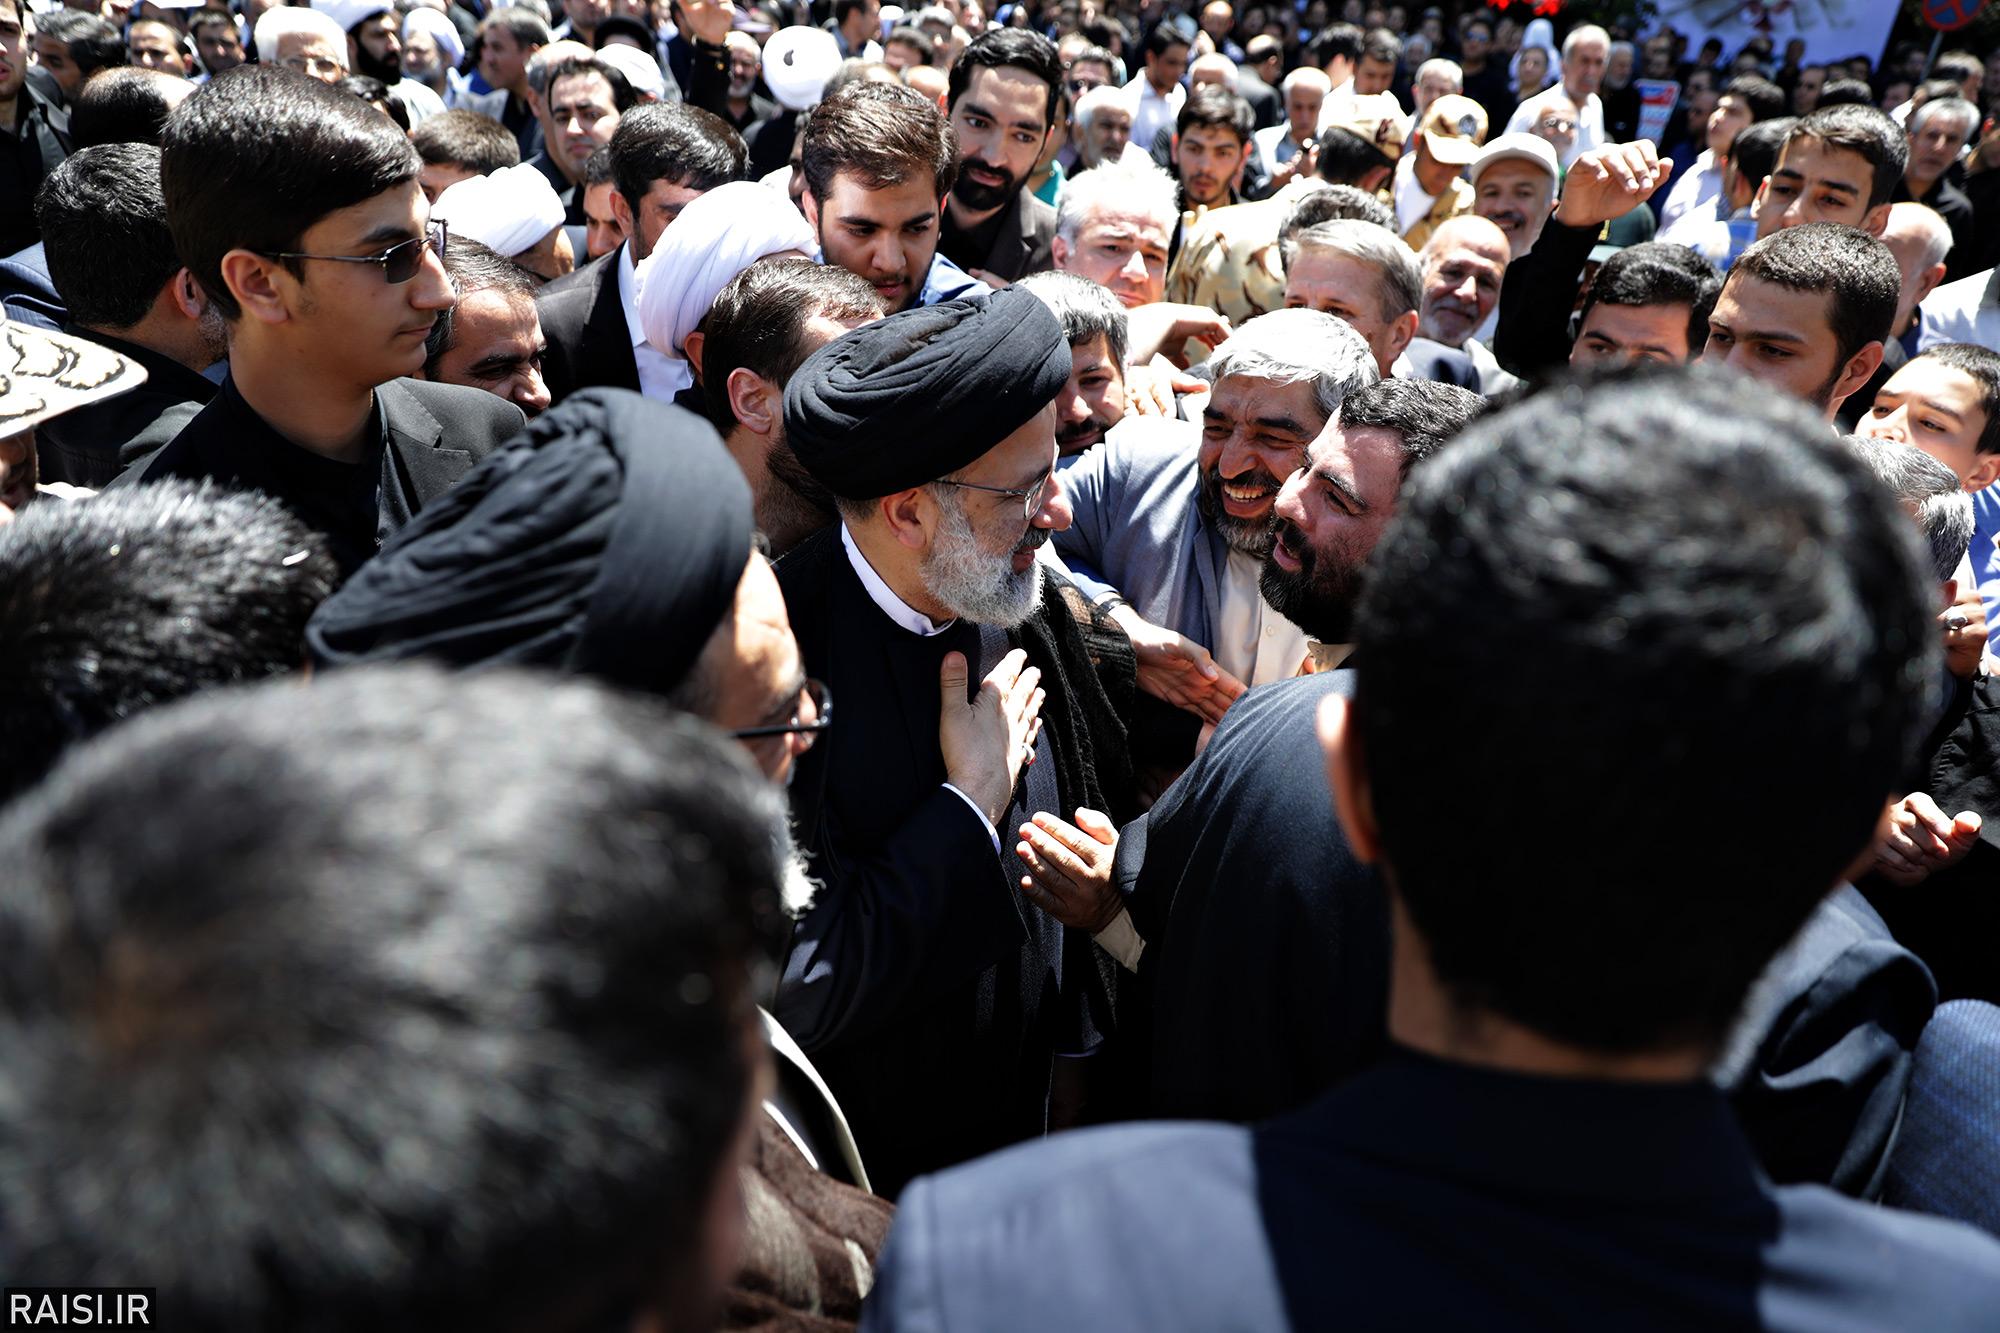 حضور و سخنرانی تولیت آستان قدس رضوی در اجتماع «روز قدس» مردم تبریز